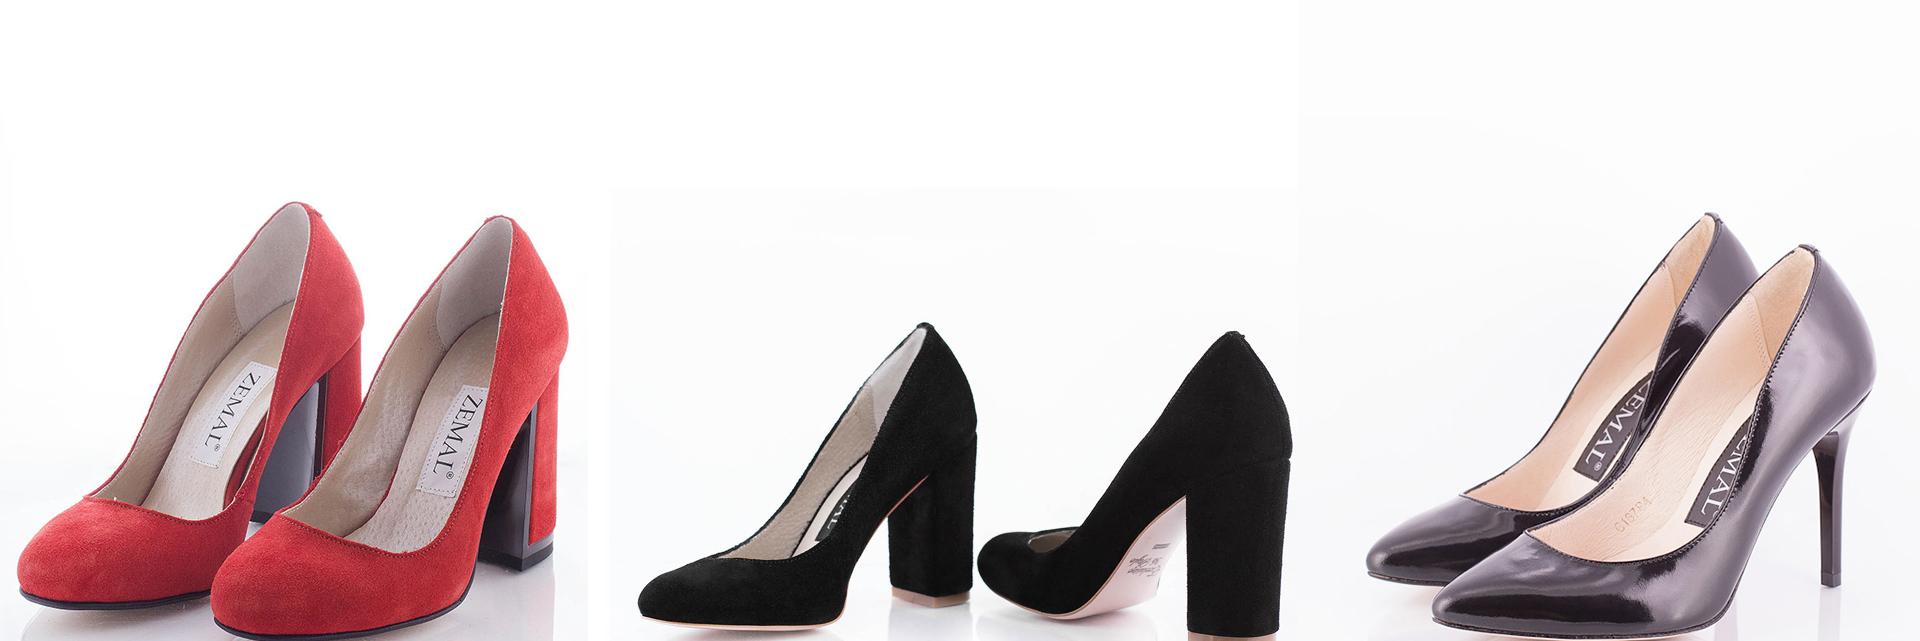 3d85e846f5cd1b Купити жіночі туфлі оптом від виробника | Бренд «Земал»